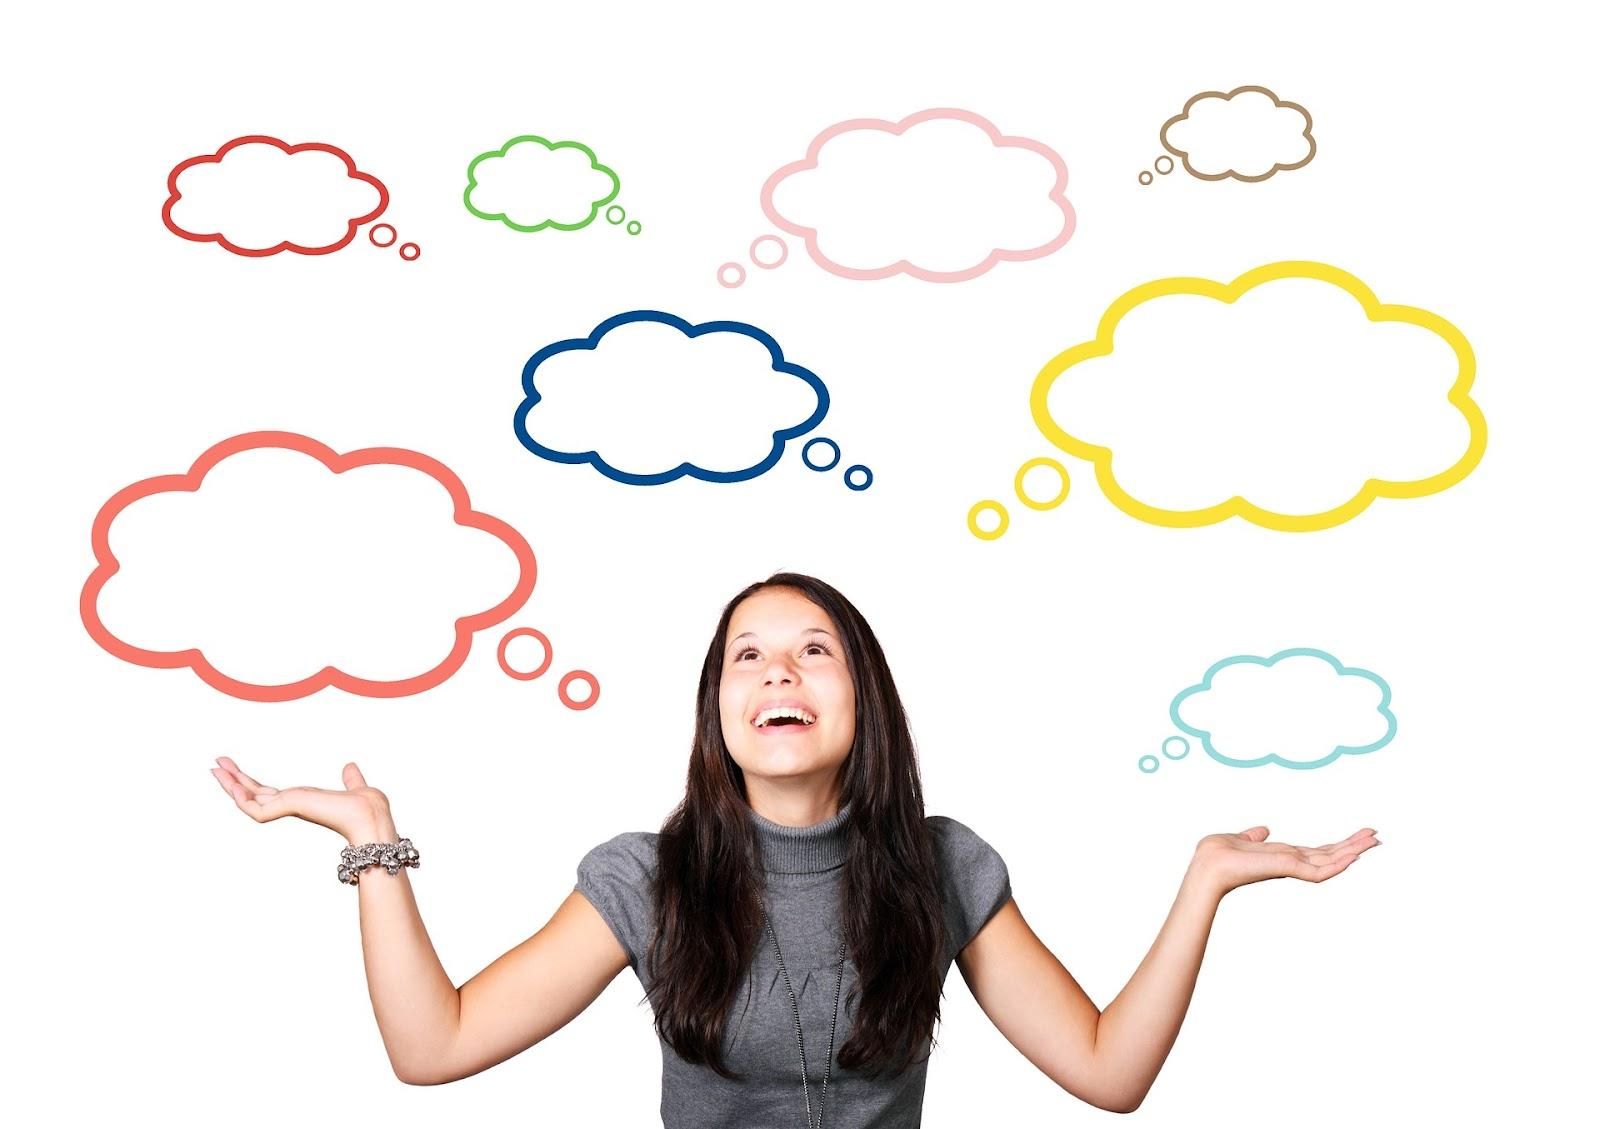 comment être heureux, comment trouver le bonheur, pensée positive, pouvoir de la pensée, joie, bonheur